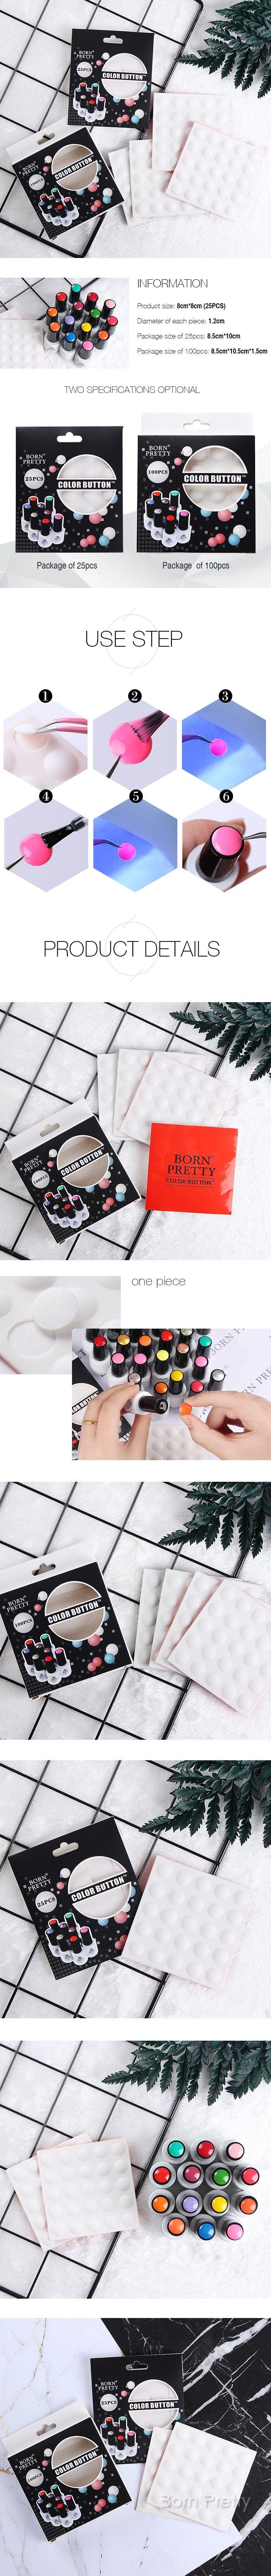 $1.99 10Pcs BORN PRETTY Color Button UV Gel Polish Color Display White Silicone Adhesive Paster - BornPrettyStore.com